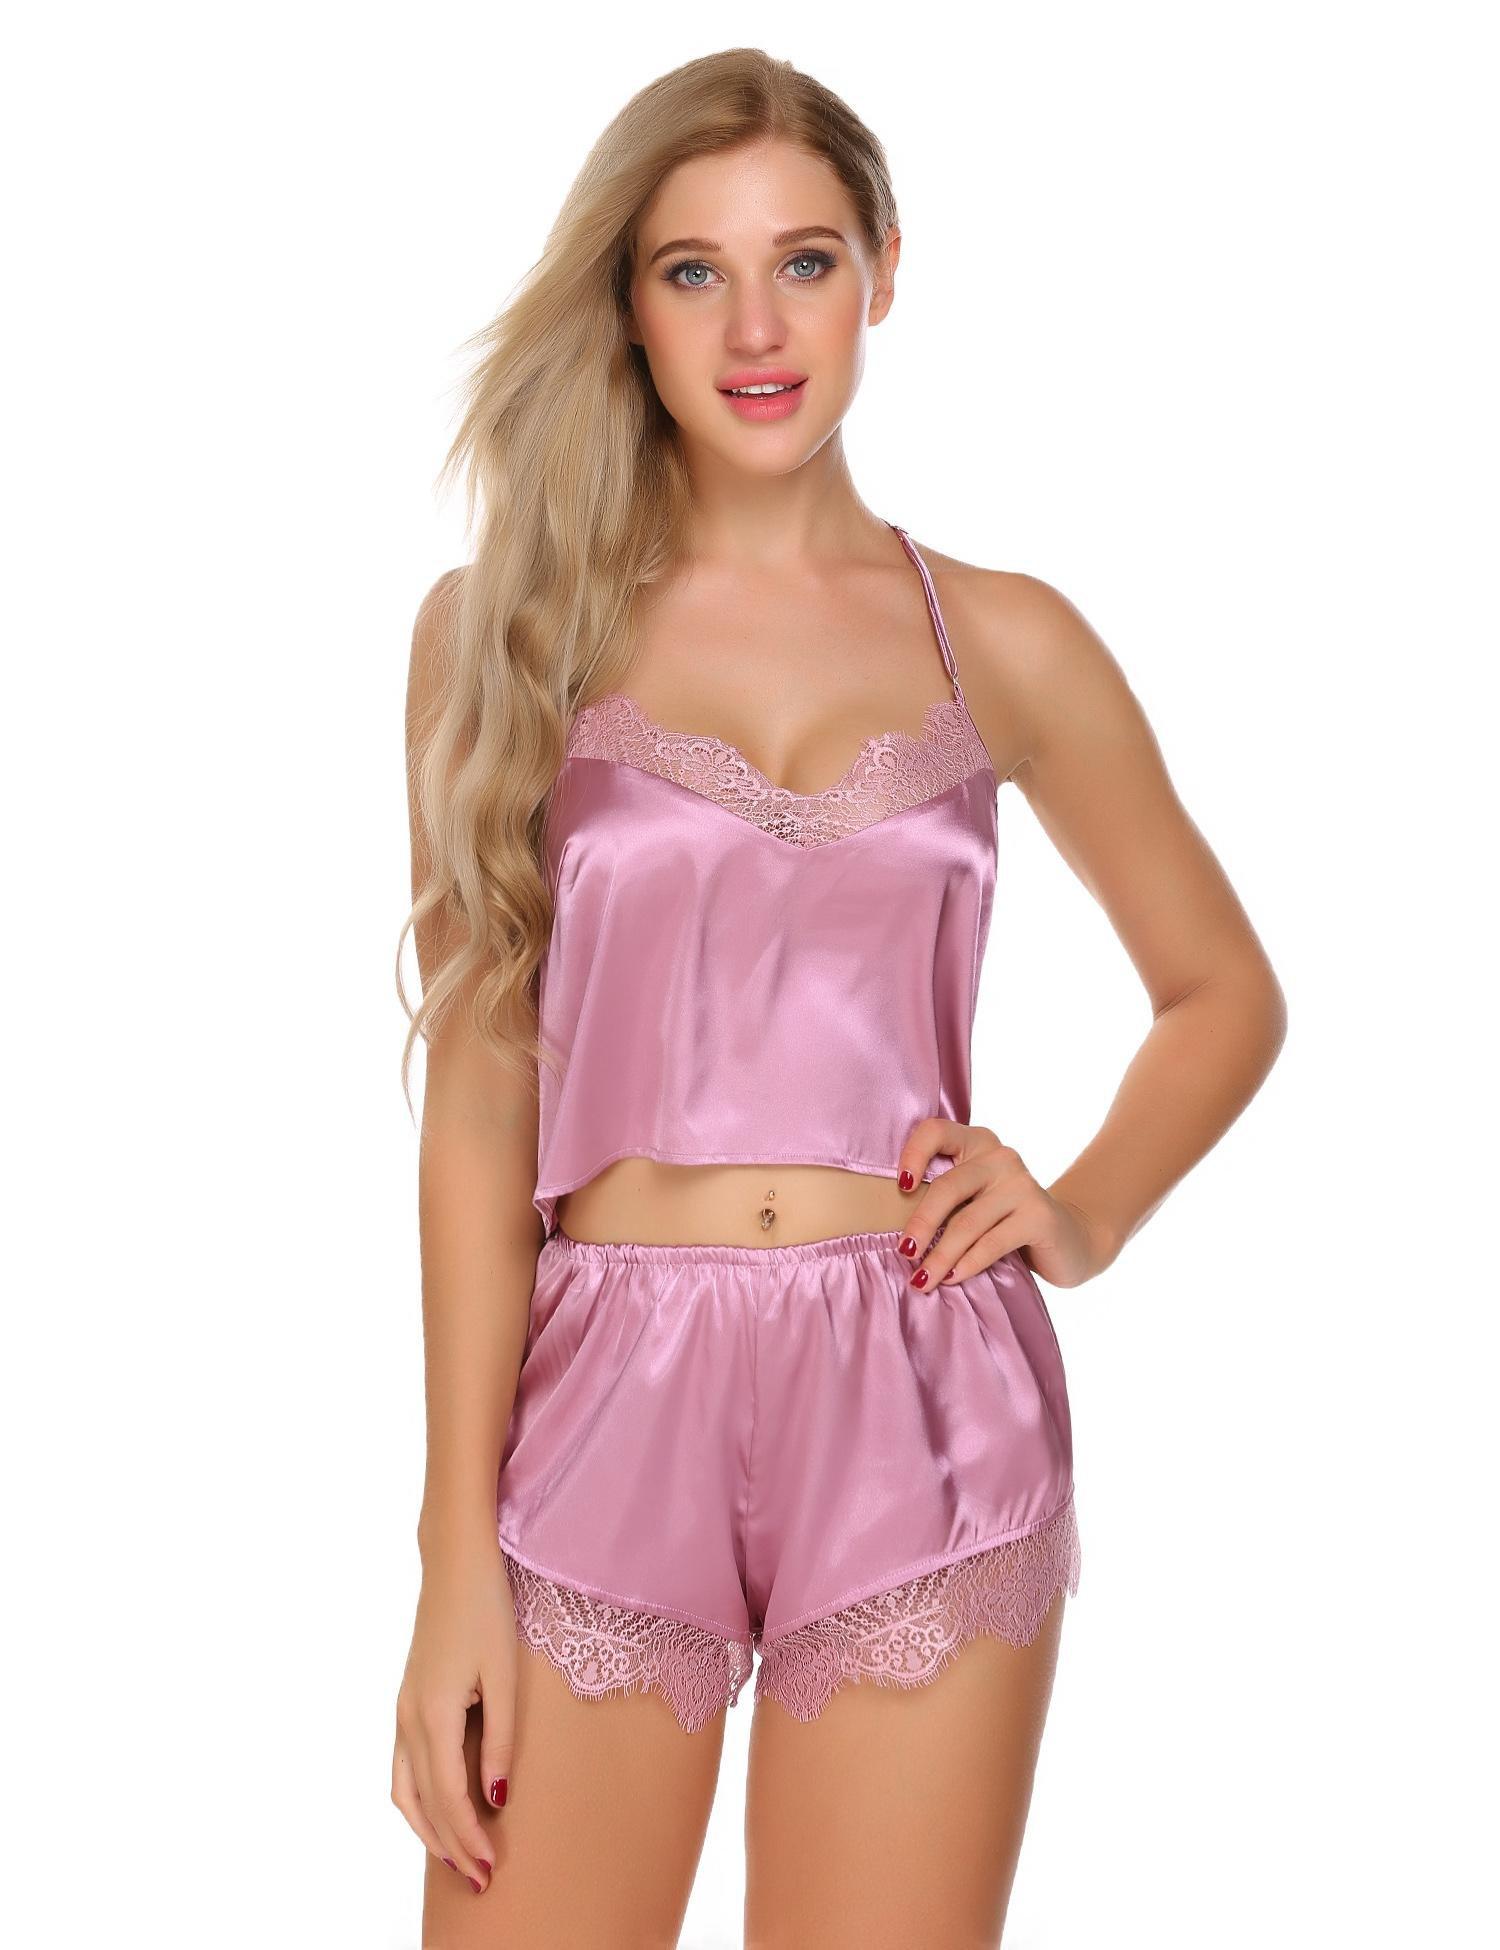 WDDGPZSY Camisa De Dormir/Camisón/Ropa De Dormir/Pijamas/ Backless Pijamas Para Mujer Correas De Raso De Encaje Patchwork Pijamas Ropa De Dormir Conjunto De Pijamas , Rosa, Xxl: Amazon.es: Hogar